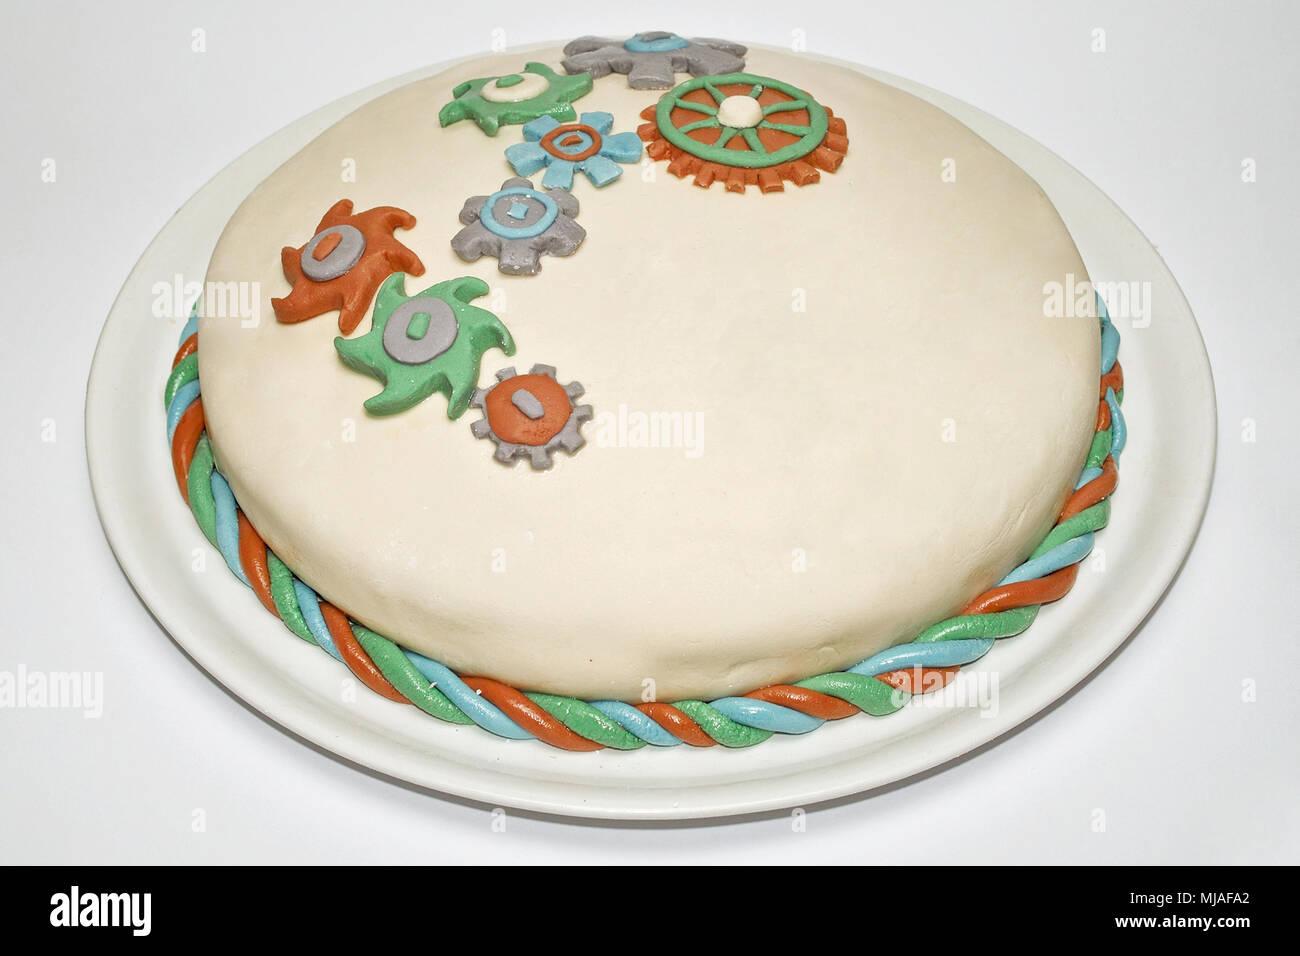 Tarta De Cumpleanos Con Adornos En Forma De Una Rueda Dentada Foto - Adornos-tarta